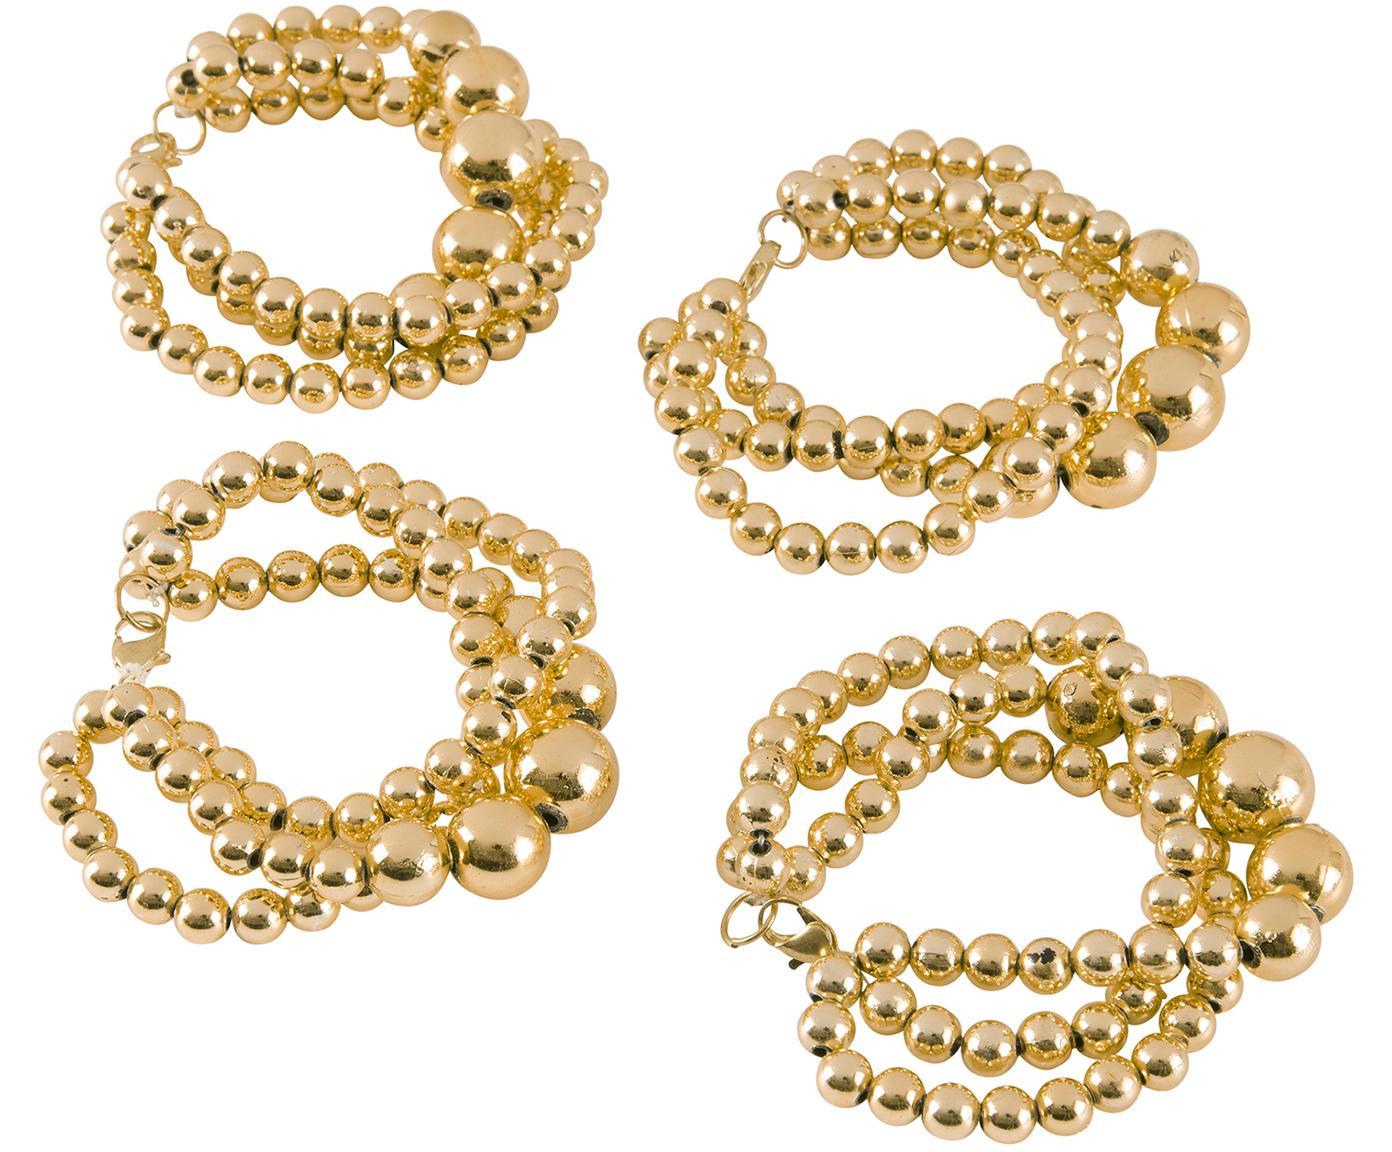 Servilleteros Perla, 4uds., Plástico, Dorado, L 15 cm